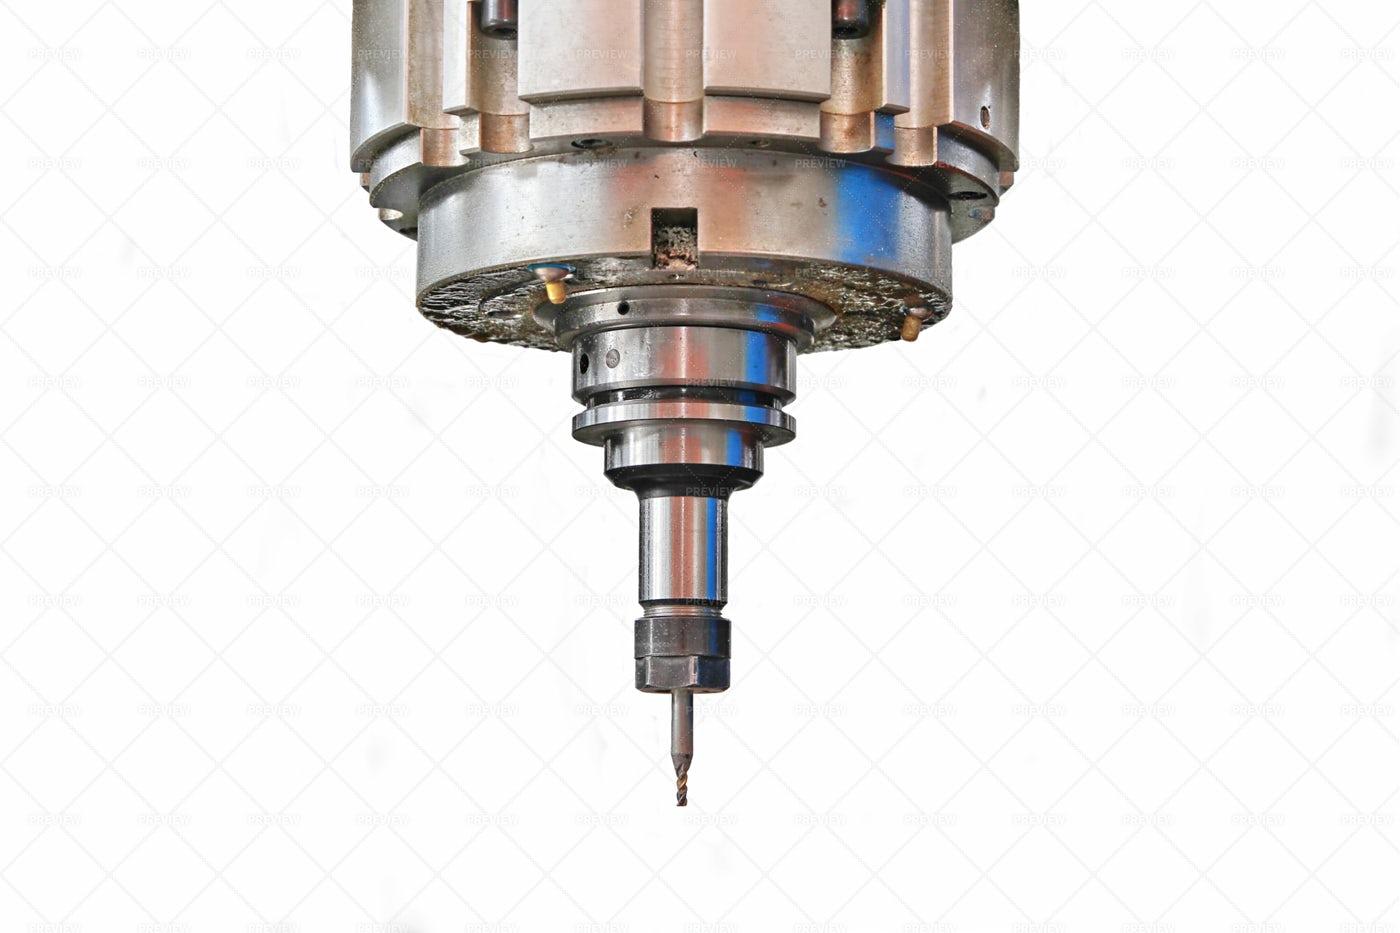 Drilling Machine, Cnc Machine: Stock Photos